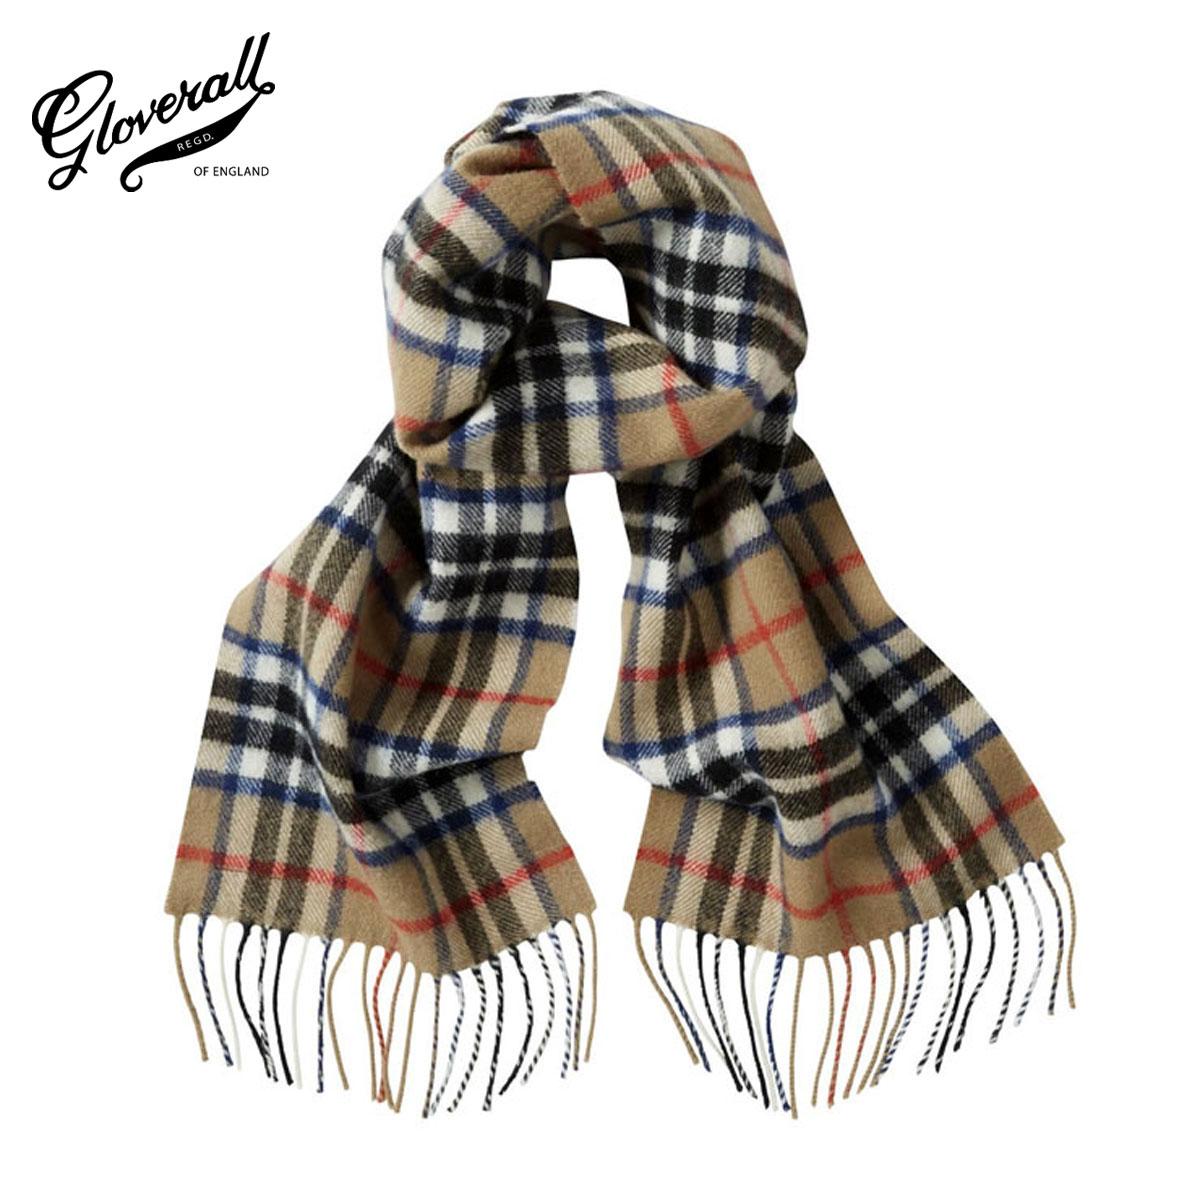 【販売期間 8/1 15:00~8/9 9:59】 グローバーオール GLOVERALL 正規販売店 メンズ スカーフ GLOVERALL×LOCHCARRON SCARF Thomson Camel